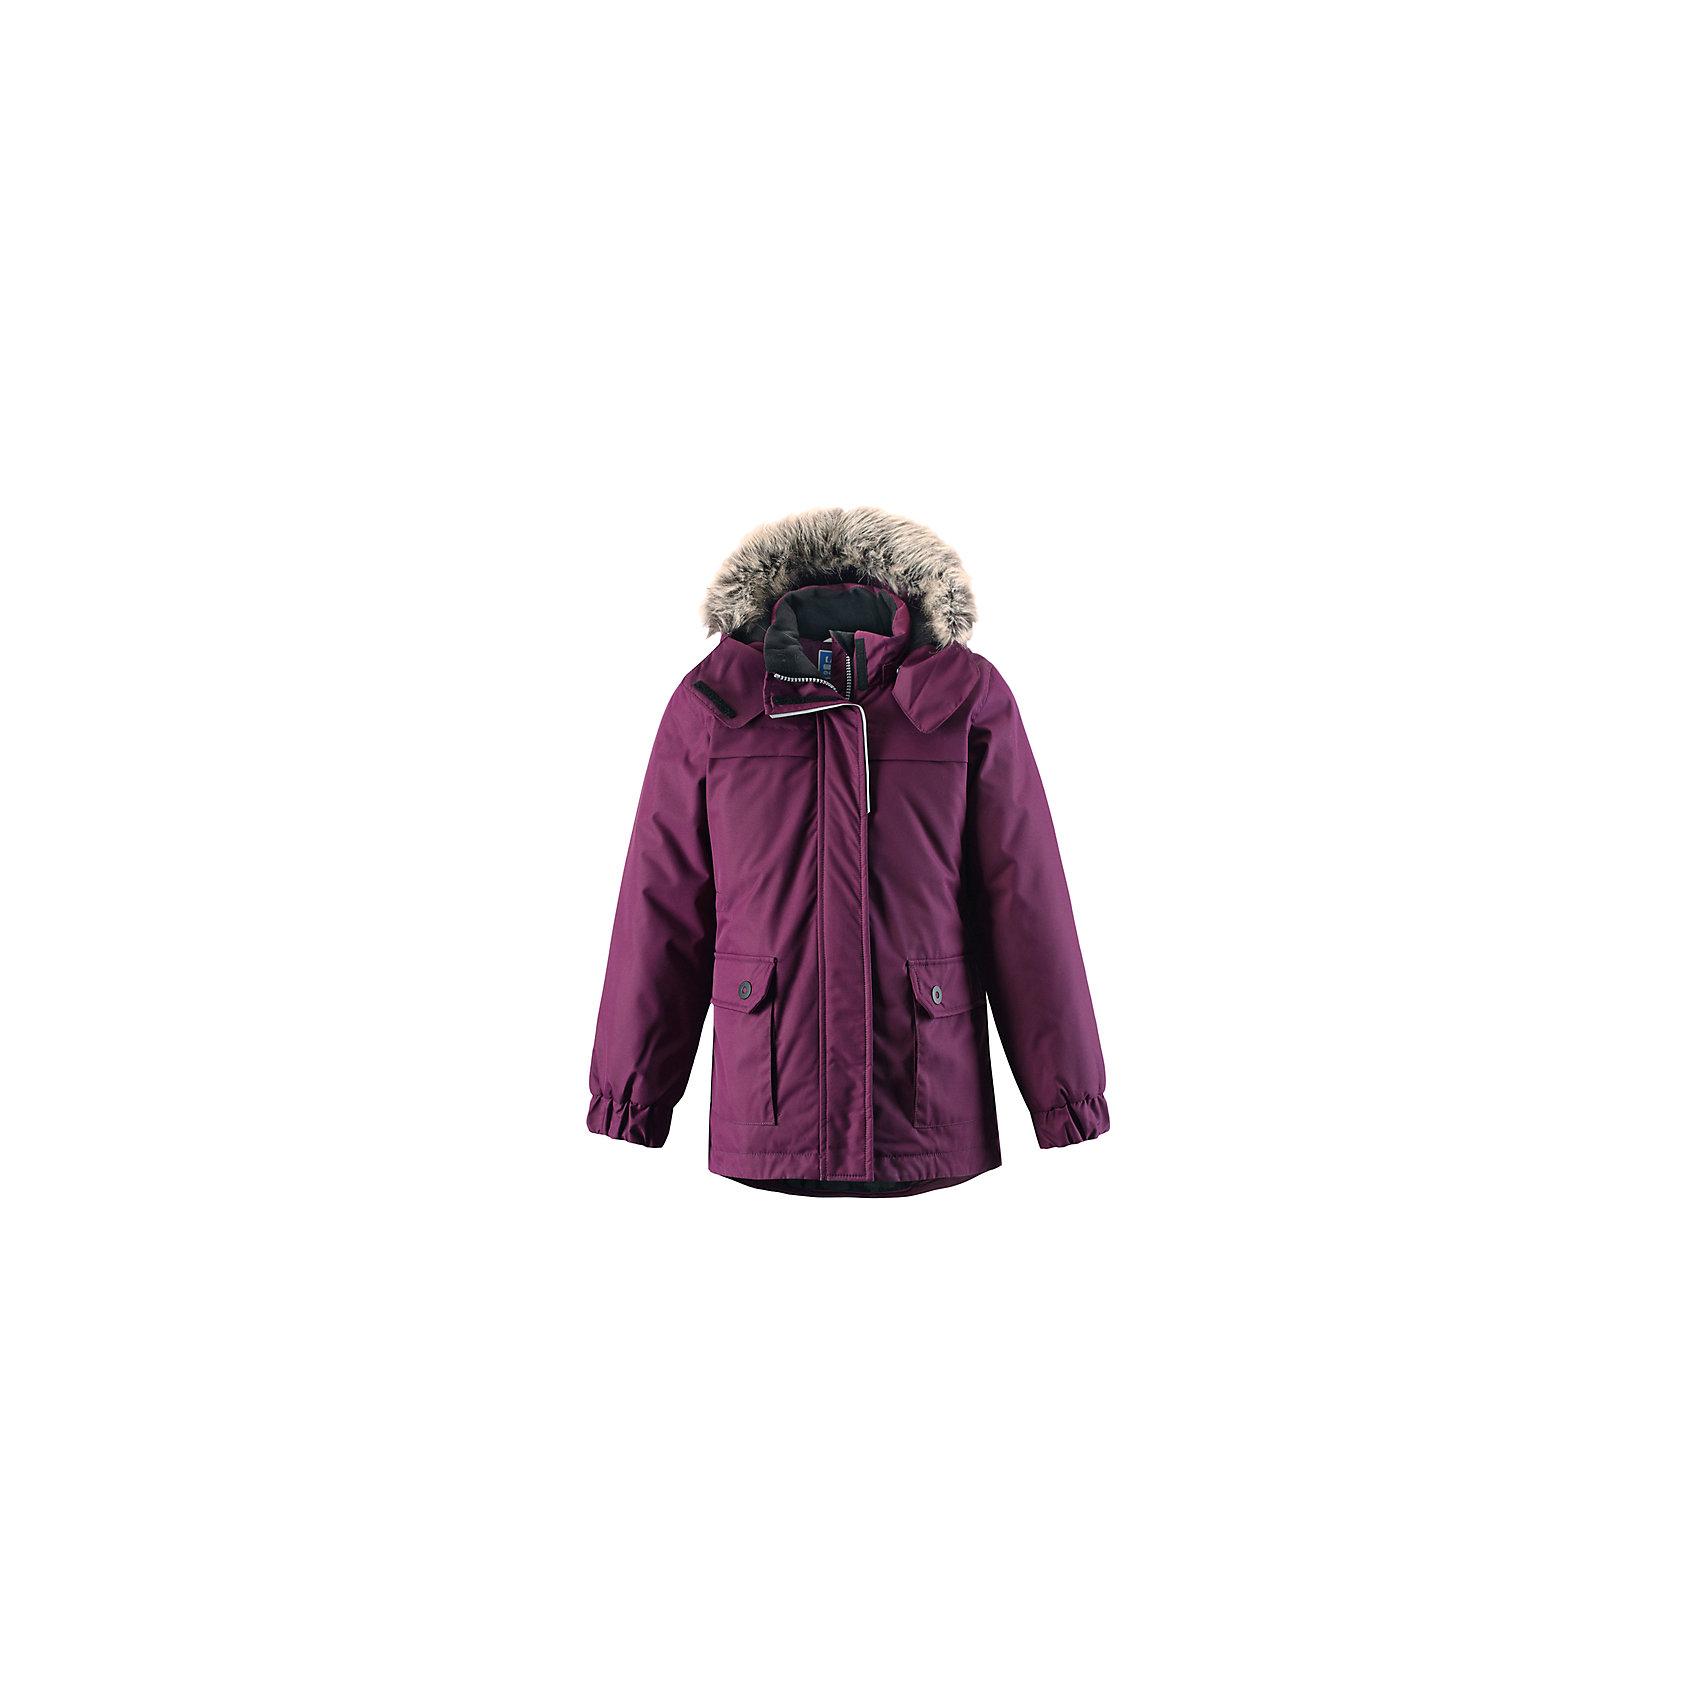 Куртка LASSIEЗимняя куртка для детей известной финской марки.<br><br>- Водоотталкивающий, ветронепроницаемый, «дышащий» и грязеотталкивающий материал.<br>- Крой для девочек.<br>- Гладкая подкладка из полиэстра.<br>- Средняя степень утепления<br>-  Безопасный съемный капюшон с отсоединяемой меховой каймой из искусственного меха. <br>- Эластичные манжеты. Регулируемый обхват талии.<br>-  Карманы с клапанами. <br><br> Рекомендации по уходу: Стирать по отдельности, вывернув наизнанку. Перед стиркой отстегните искусственный мех. Застегнуть молнии и липучки. Соблюдать температуру в соответствии с руководством по уходу. Стирать моющим средством, не содержащим отбеливающие вещества. Полоскать без специального средства. Сушение в сушильном шкафу разрешено при  низкой температуре.<br><br>Состав: 100% Полиамид, полиуретановое покрытие.  Утеплитель «Lassie wadding» 180гр.<br><br>Ширина мм: 356<br>Глубина мм: 10<br>Высота мм: 245<br>Вес г: 519<br>Цвет: фиолетовый<br>Возраст от месяцев: 108<br>Возраст до месяцев: 120<br>Пол: Женский<br>Возраст: Детский<br>Размер: 134,128,122,116,110,104,140,98,92<br>SKU: 4782328